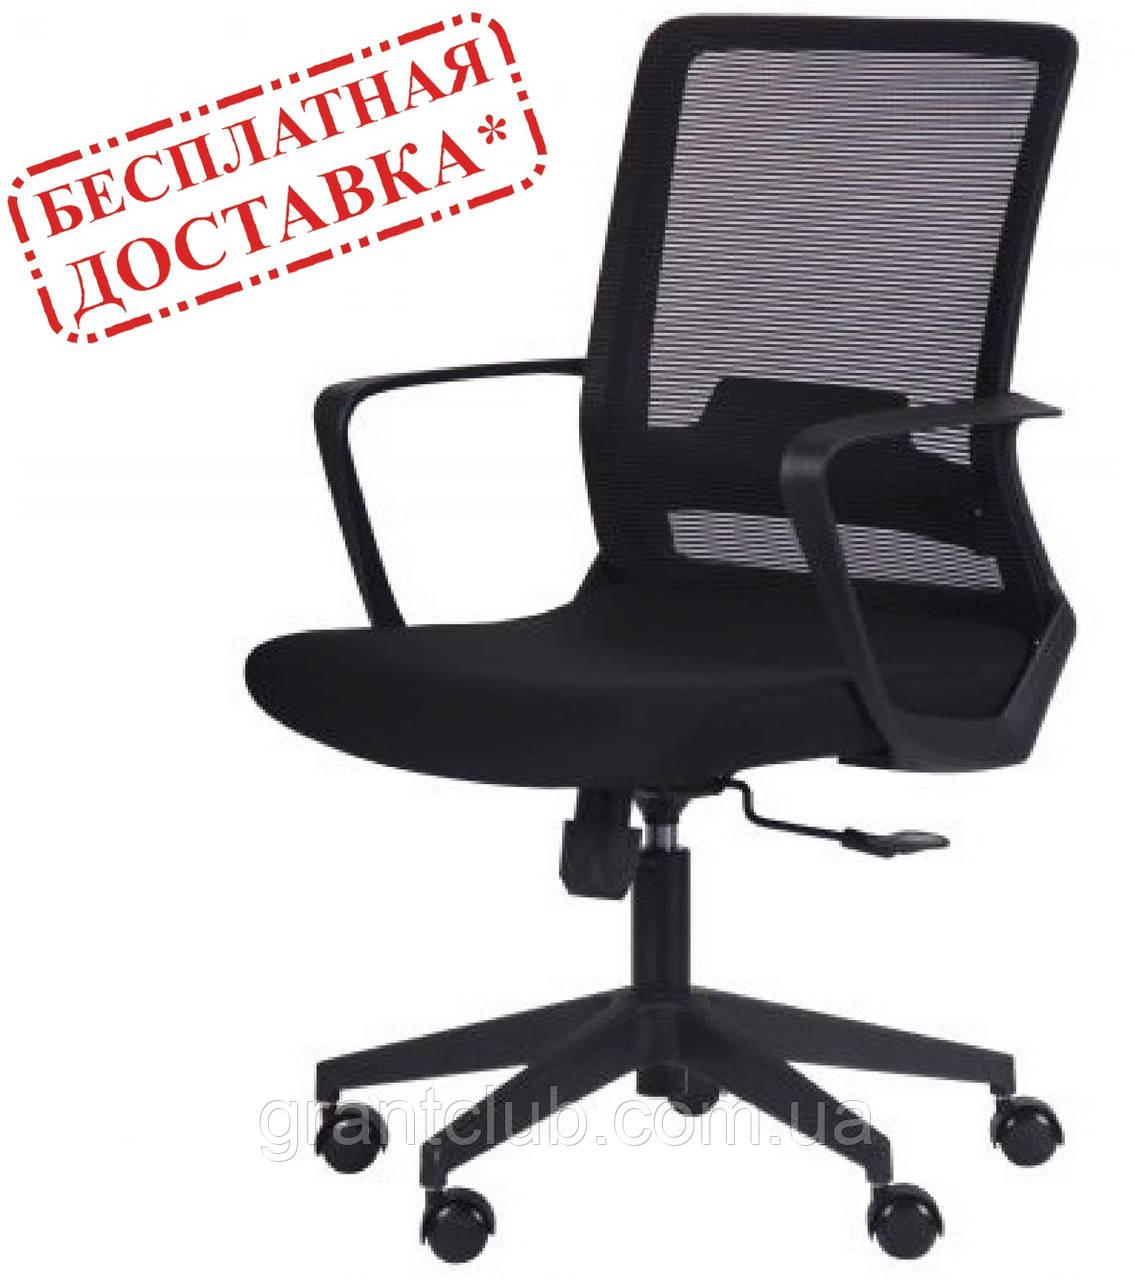 Кресло офисное на колесах ARGON LB черное AMF (бесплатная адресная доставка)